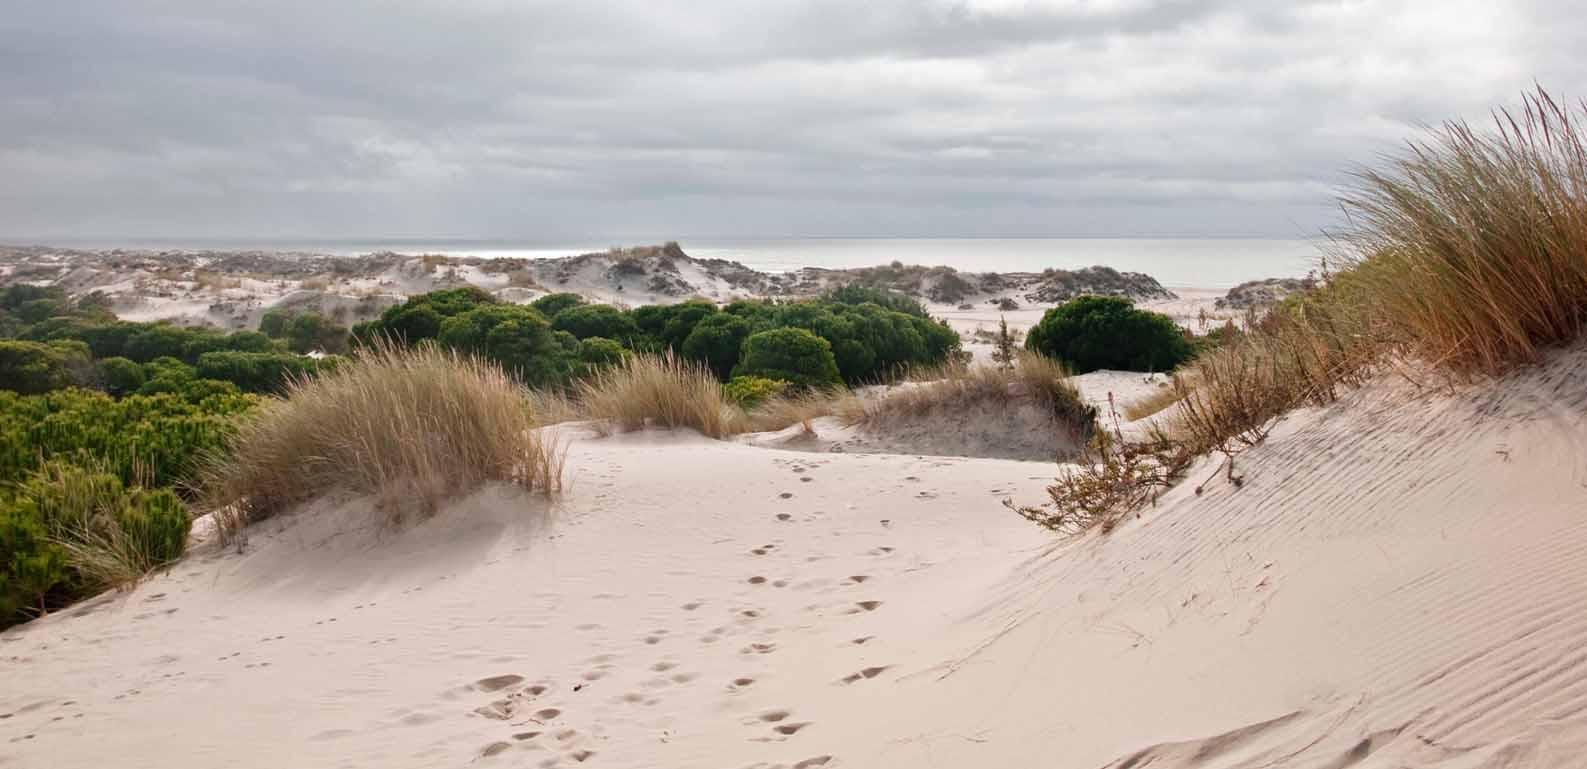 parque-natural-de-doñana-dunas-3.jpeg